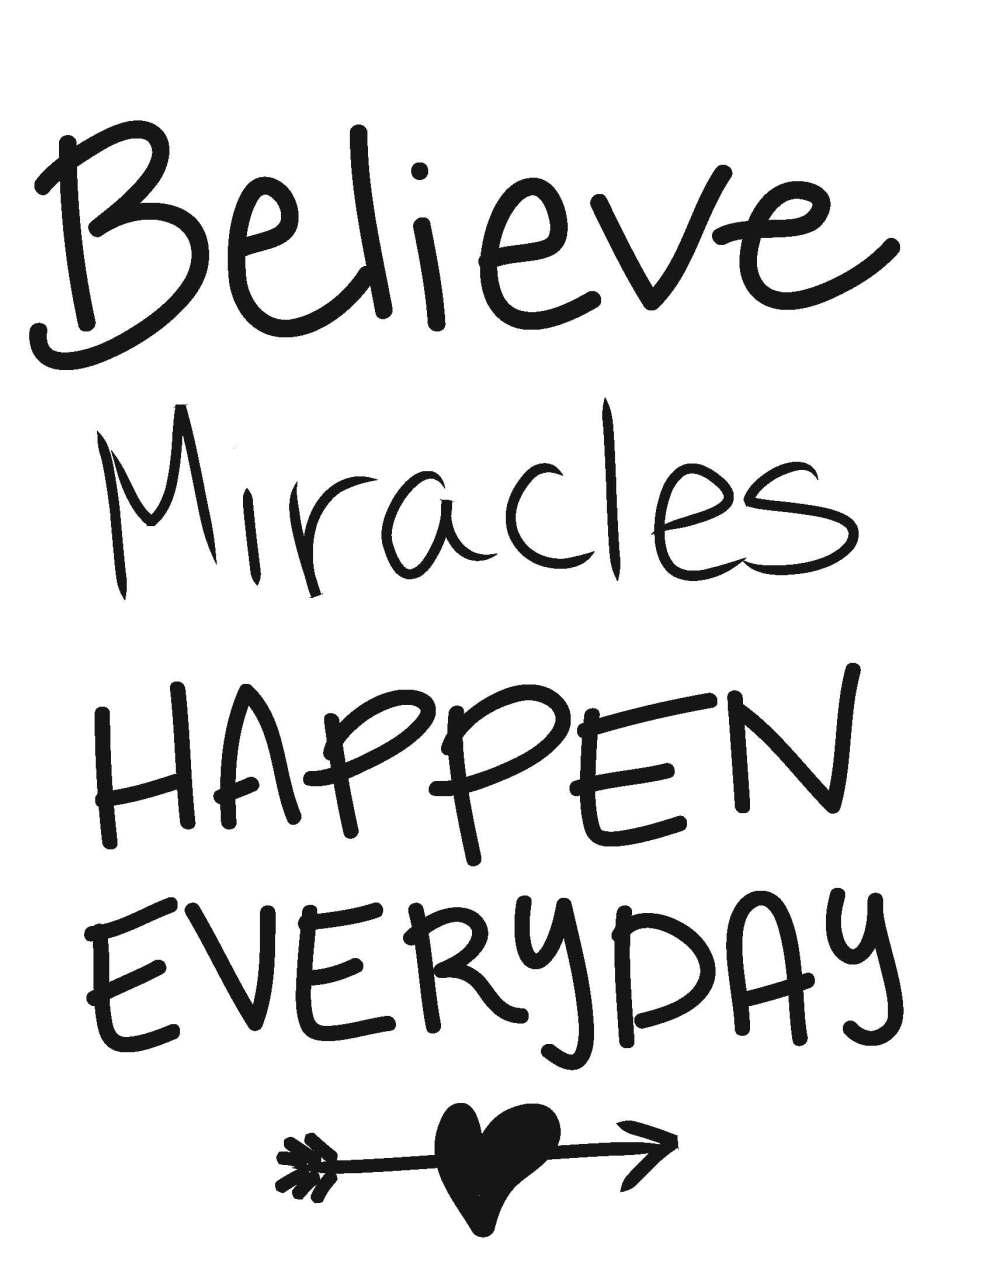 10-believe-miracles-happen-everyday